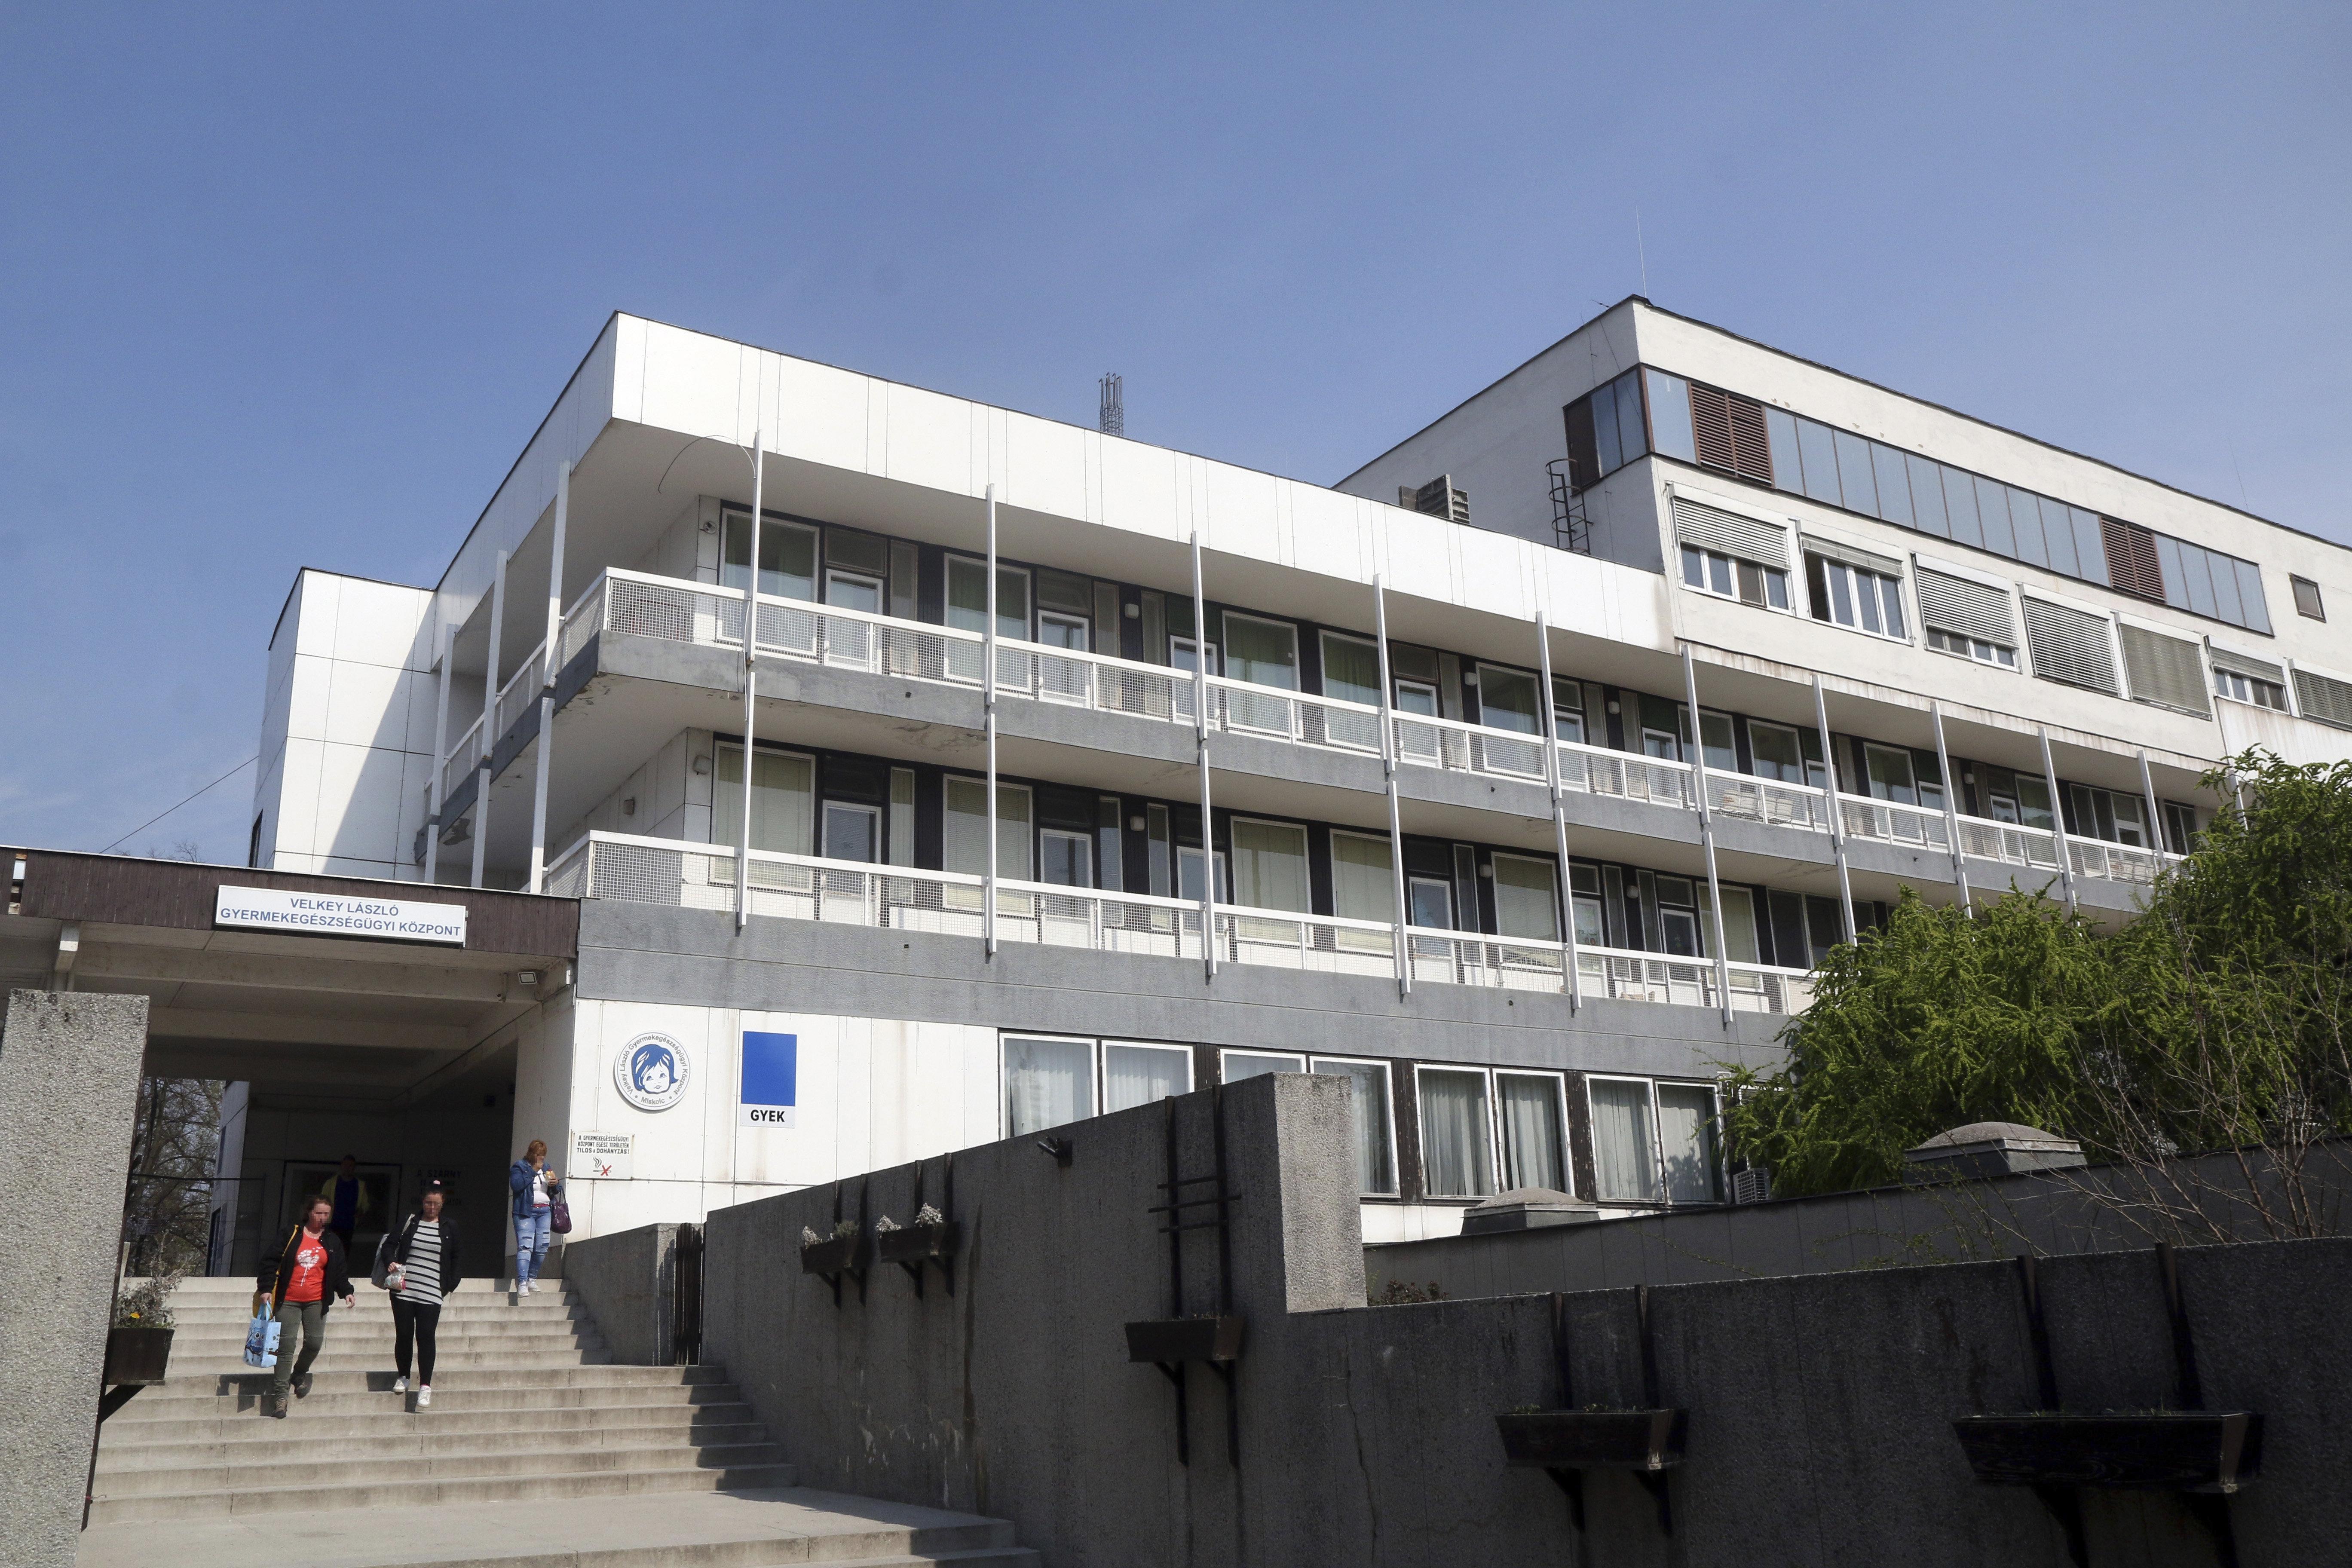 Kúria: A miskolci kórház diszkriminálta a roma nőket a szülészeten